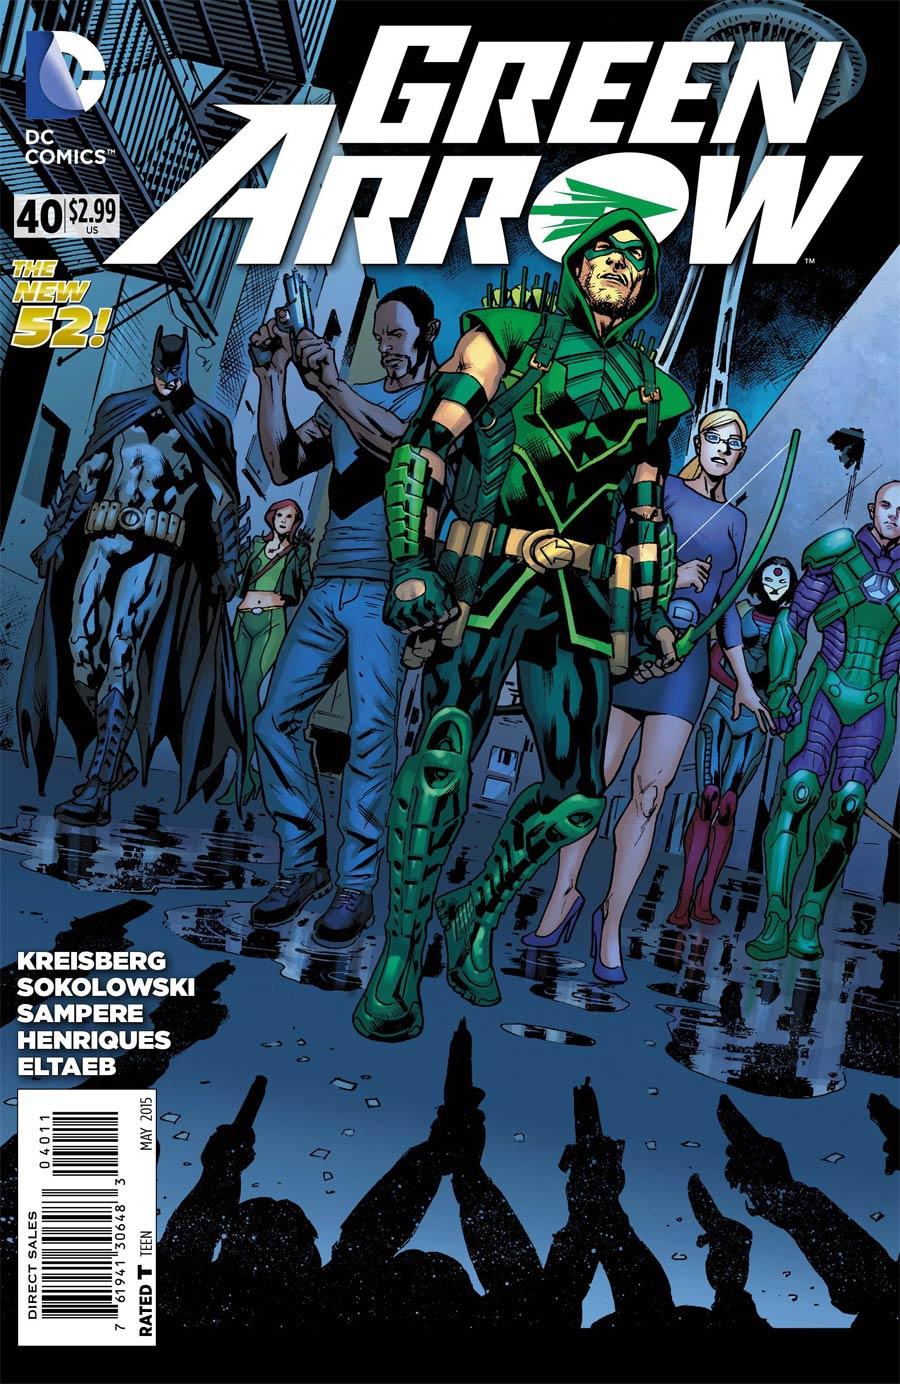 Green Arrow Vol 6 #40